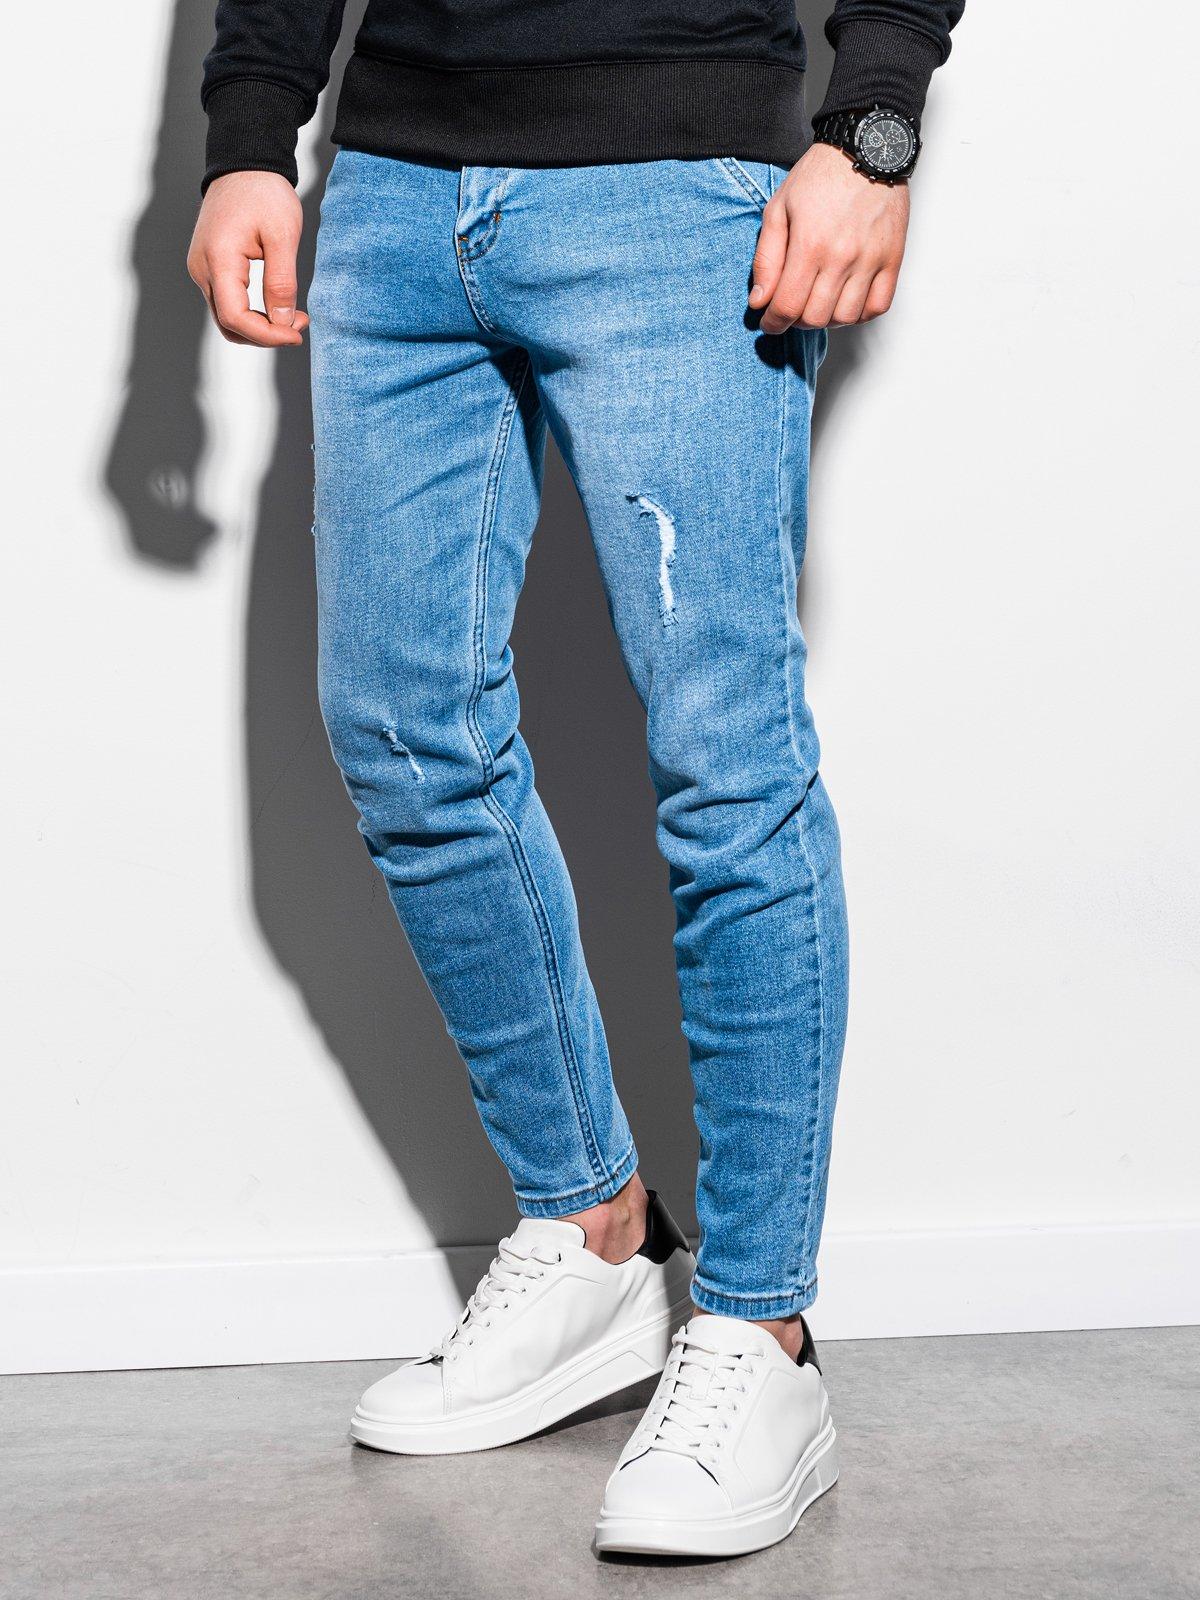 Spodnie męskie jeansowe P953 - jasnoniebieskie